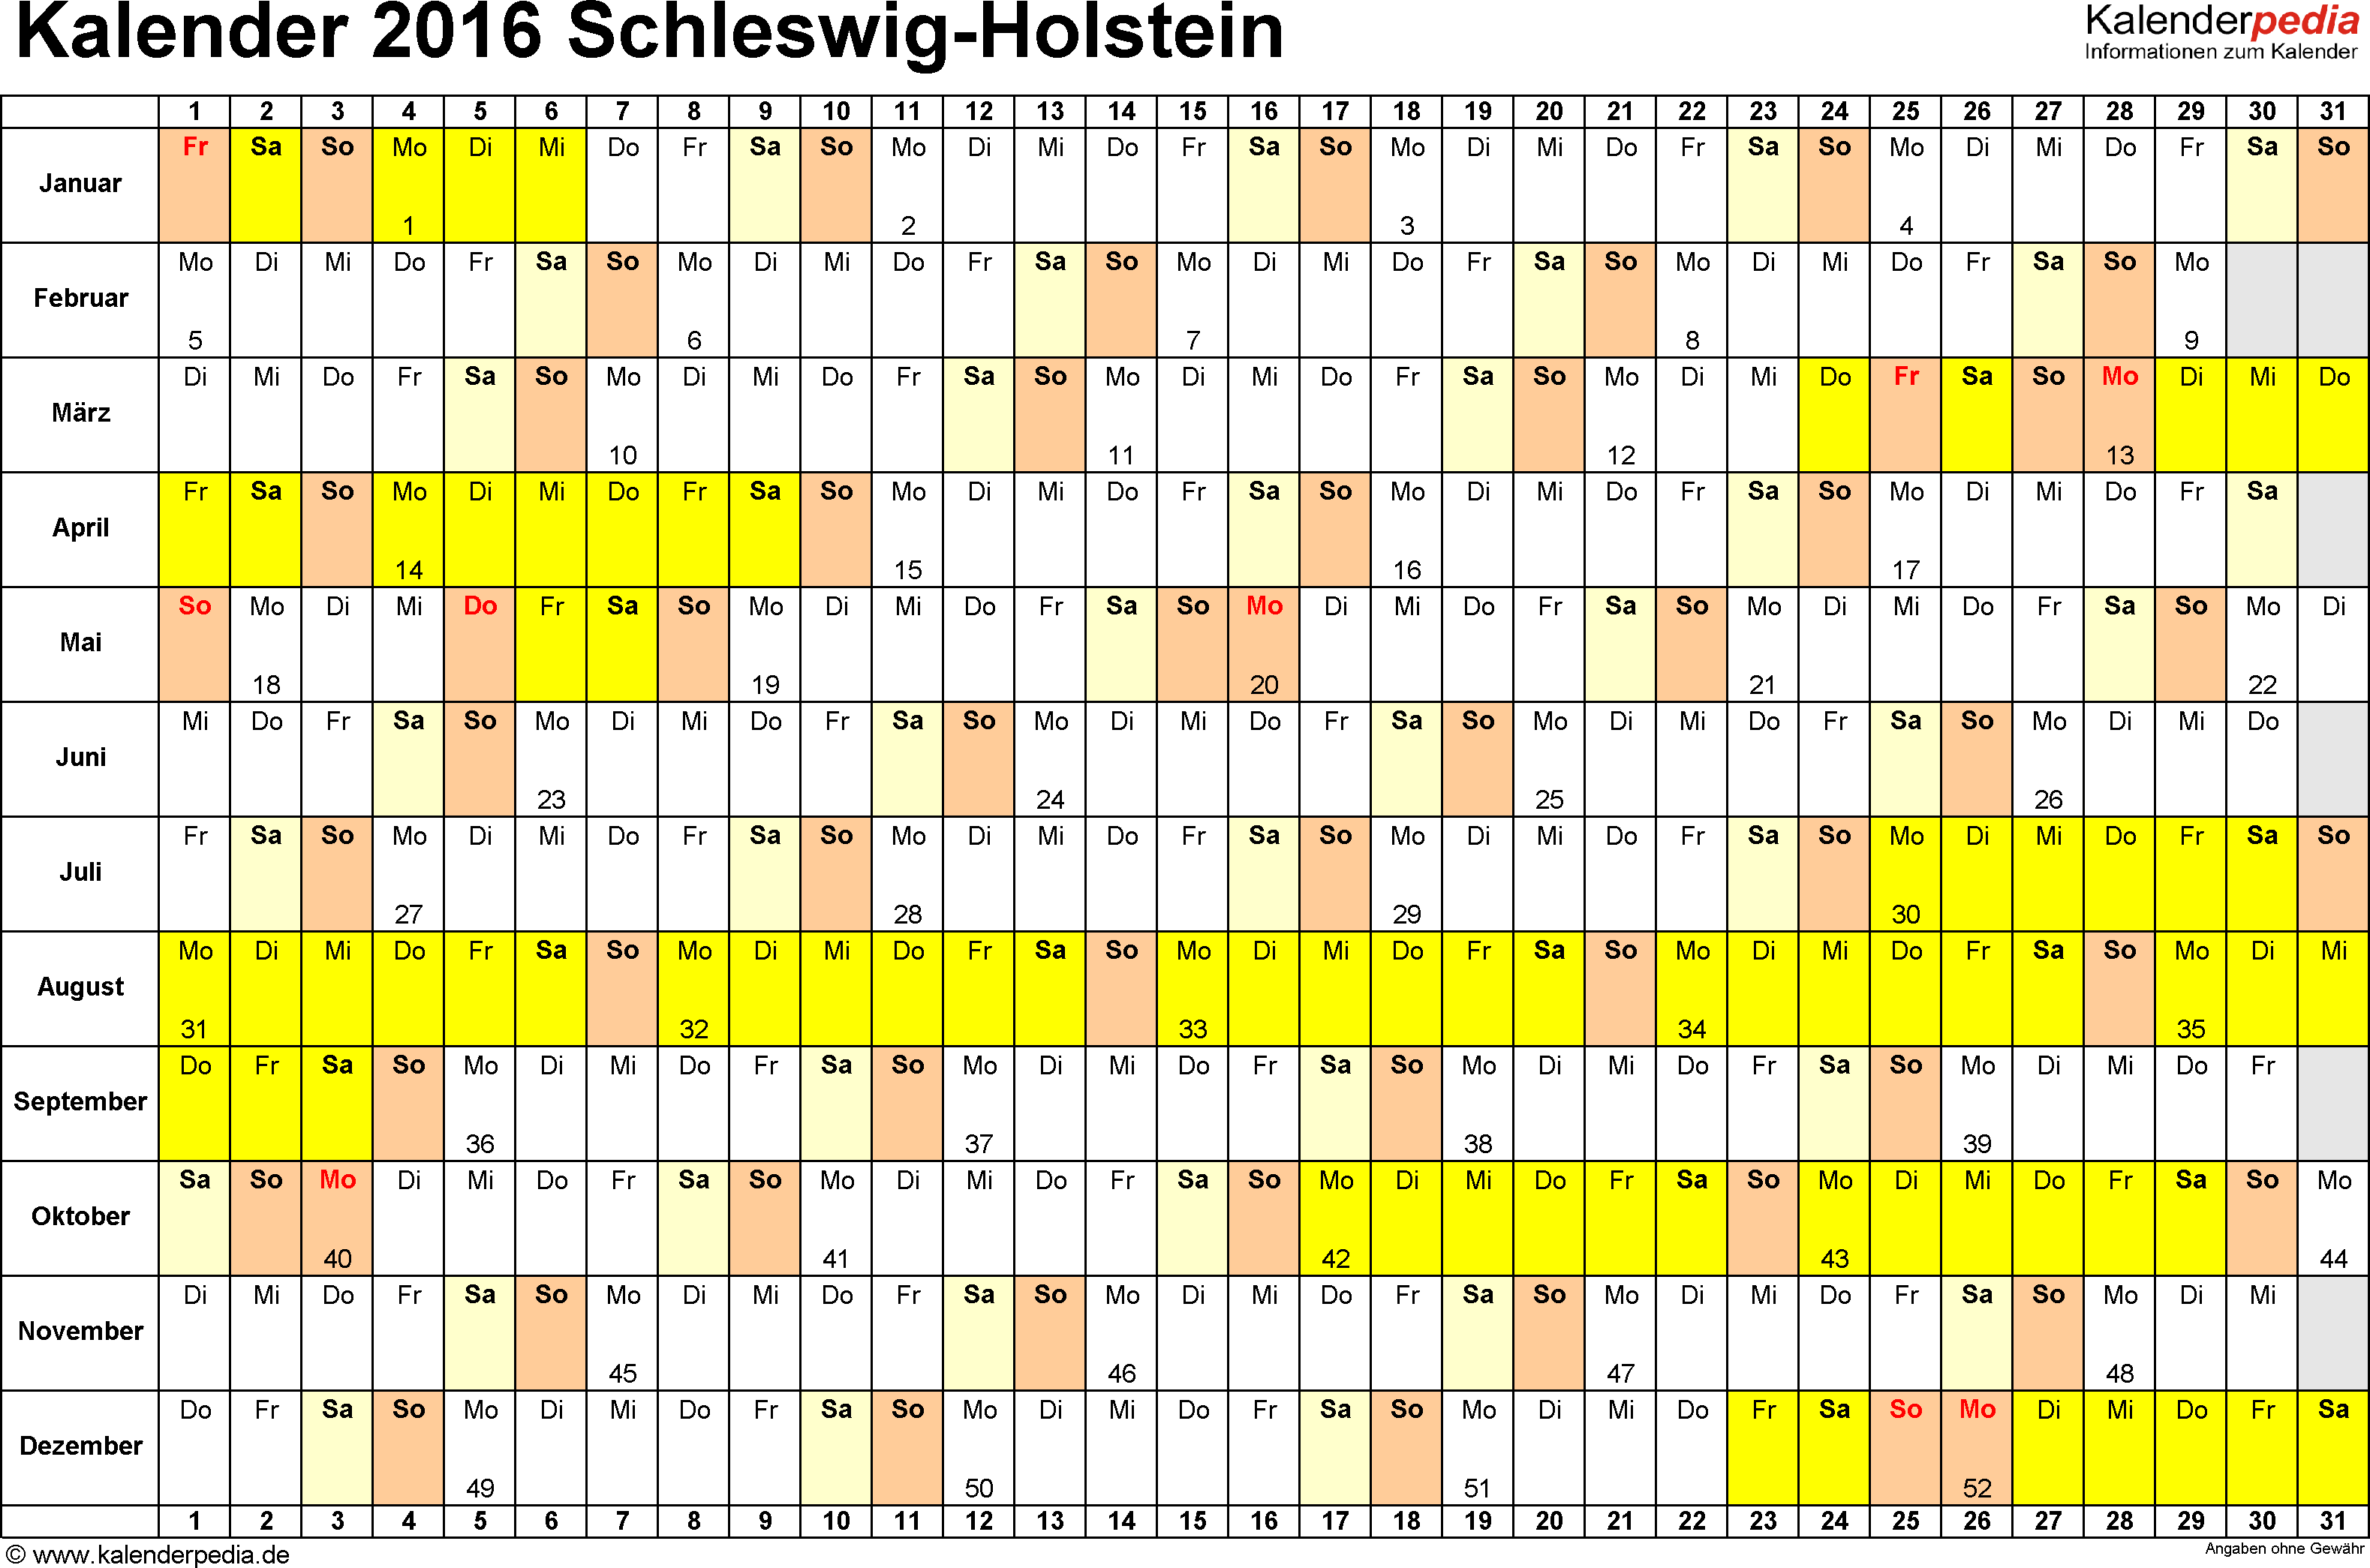 Vorlage 3: Kalender Schleswig-Holstein 2016 im Querformat, Tage nebeneinander